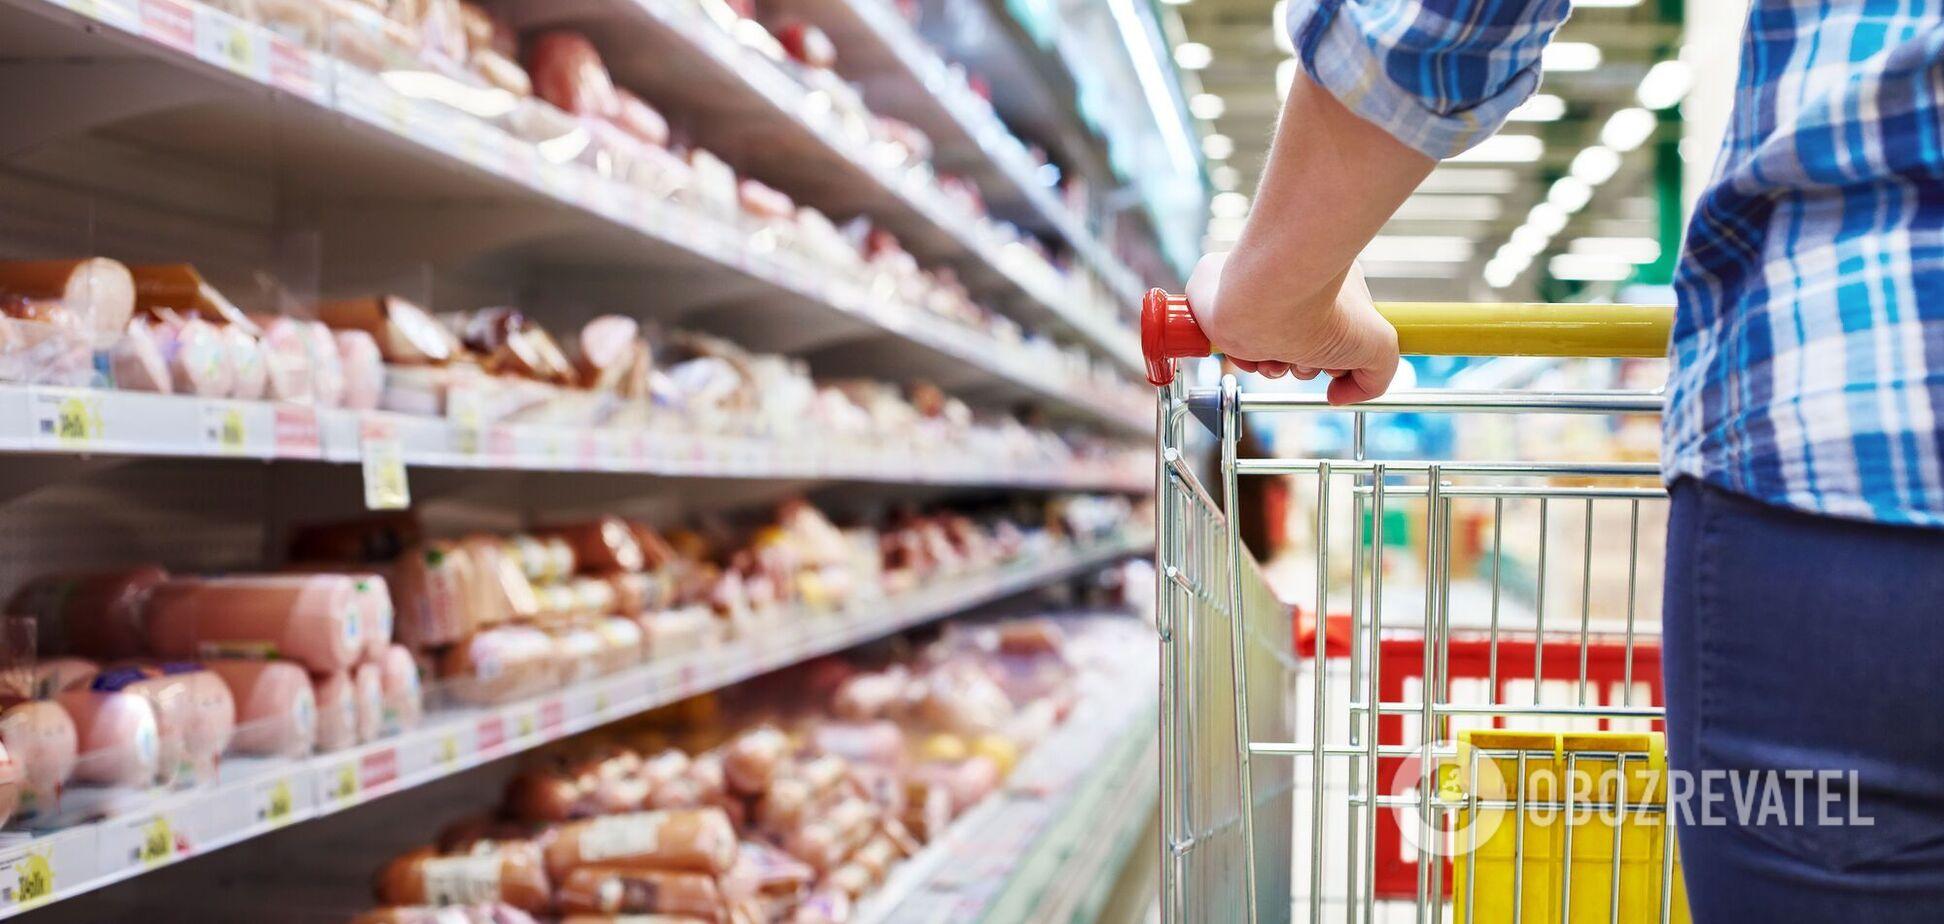 Виразний дизайн: експерти розповіли, як упаковка впливає на споживача